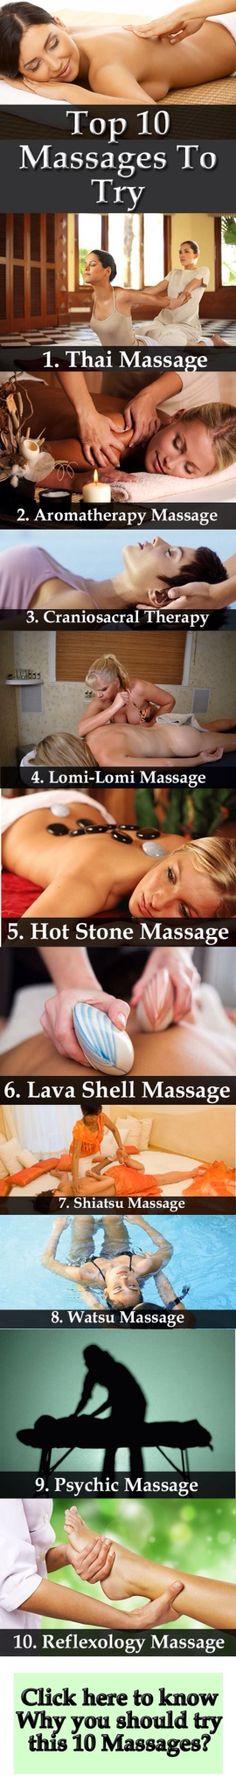 Seks masaż salon singapur